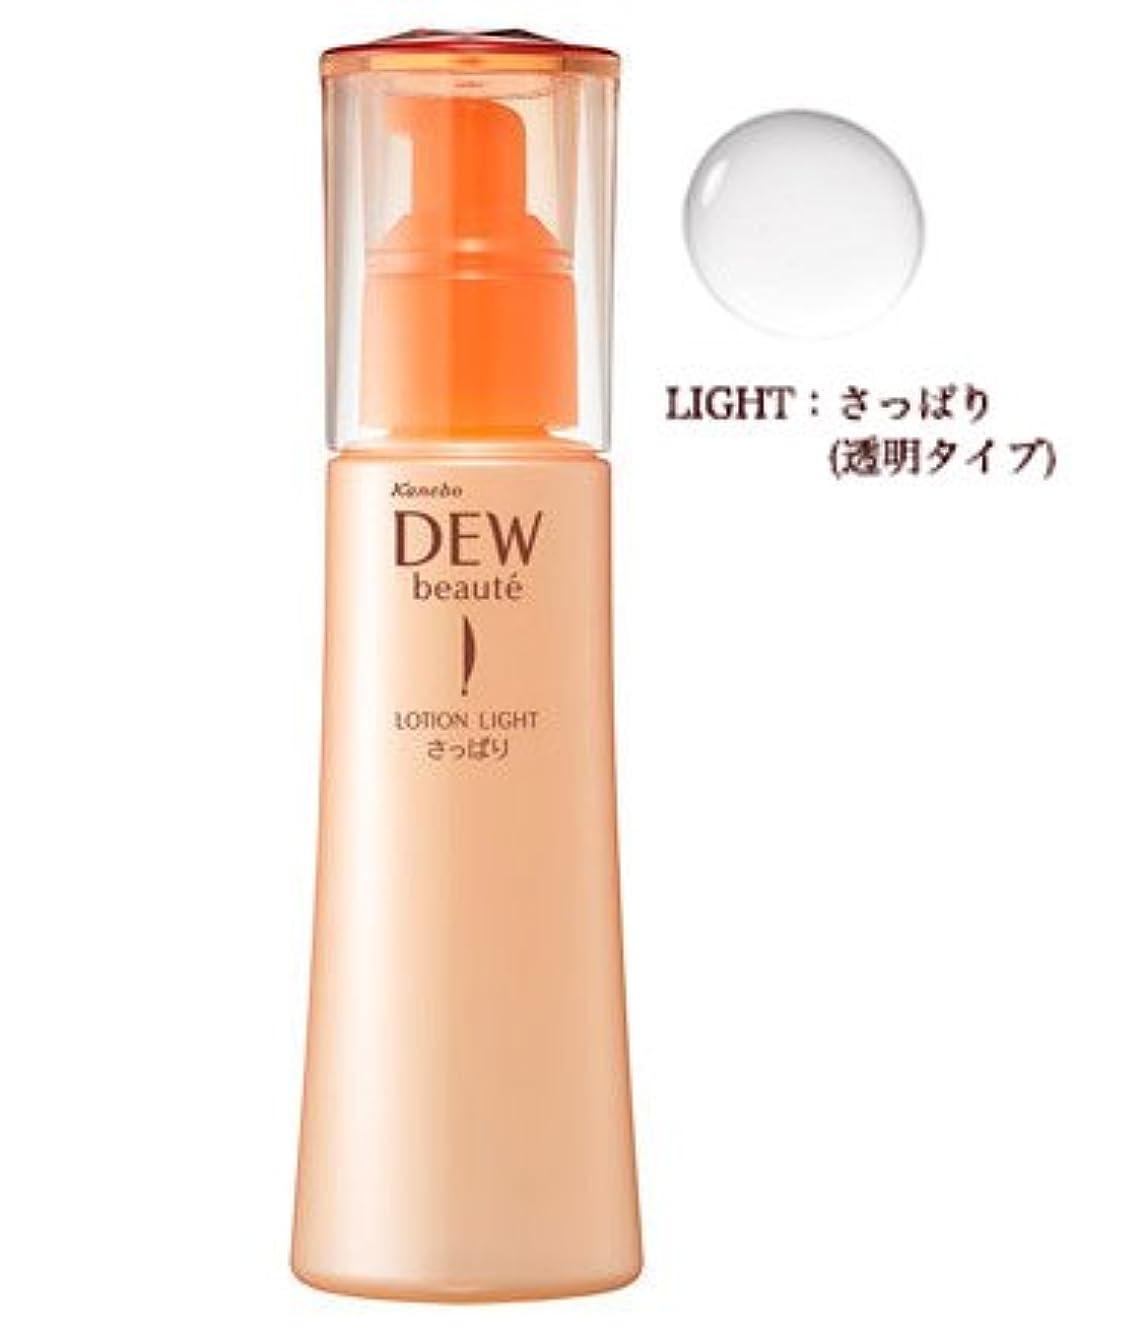 バーゲンまたは最大限【カネボウ化粧品】DEW ボーテ ローションライト 150ml